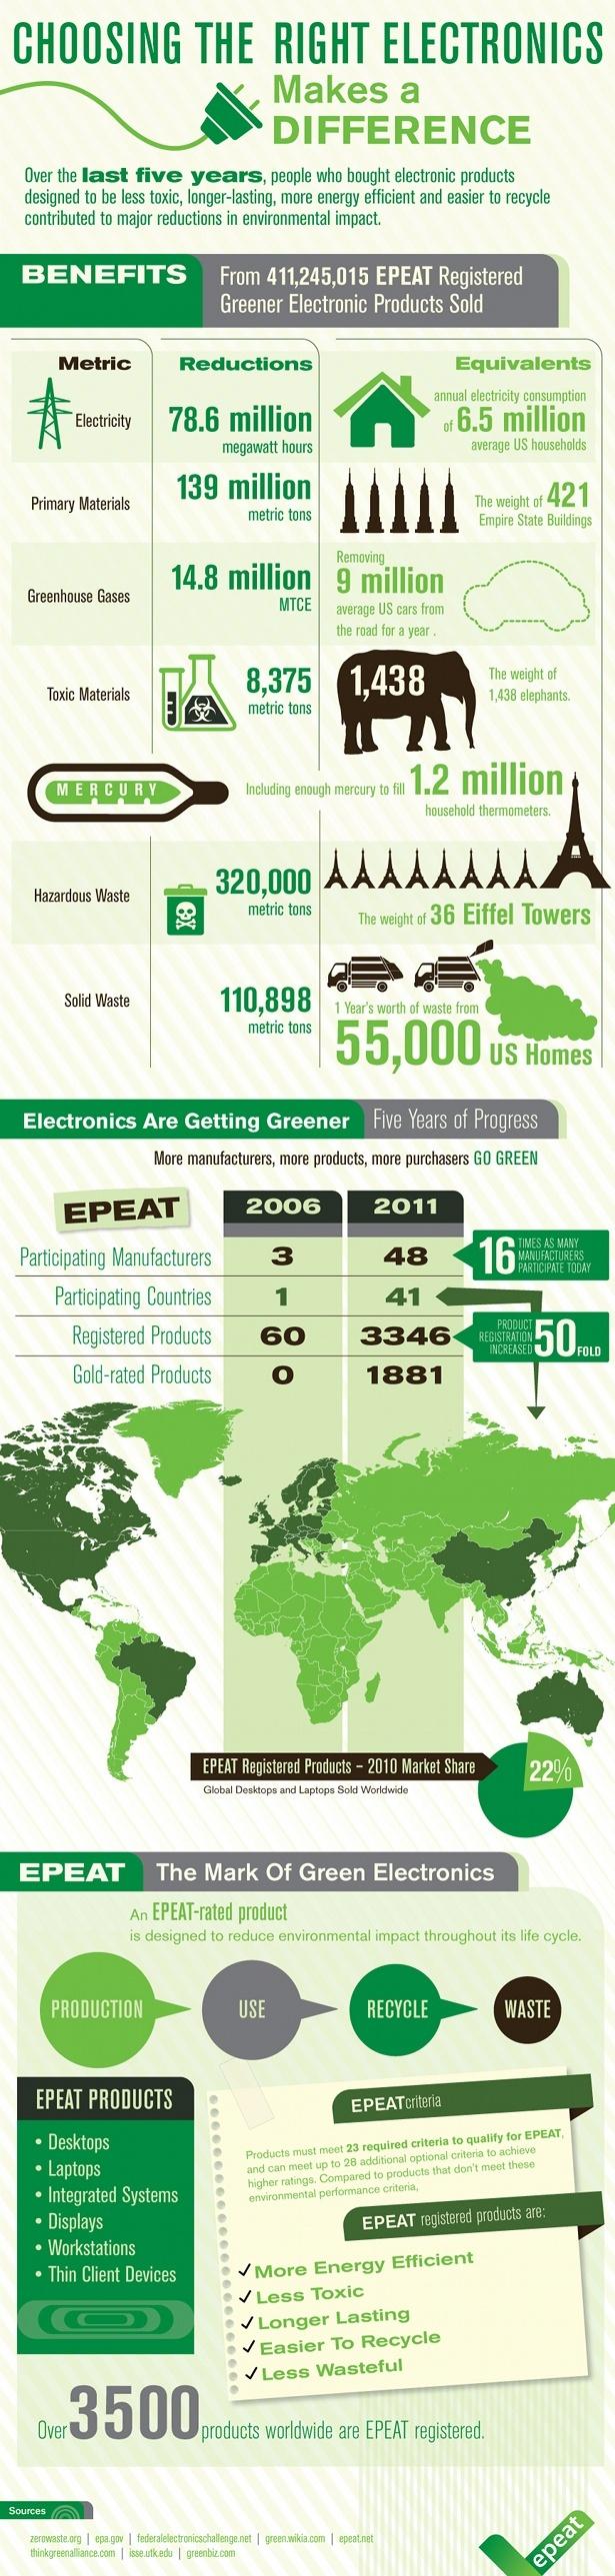 Escogiendo los electr nicos correctos una interesante for Facts about going green